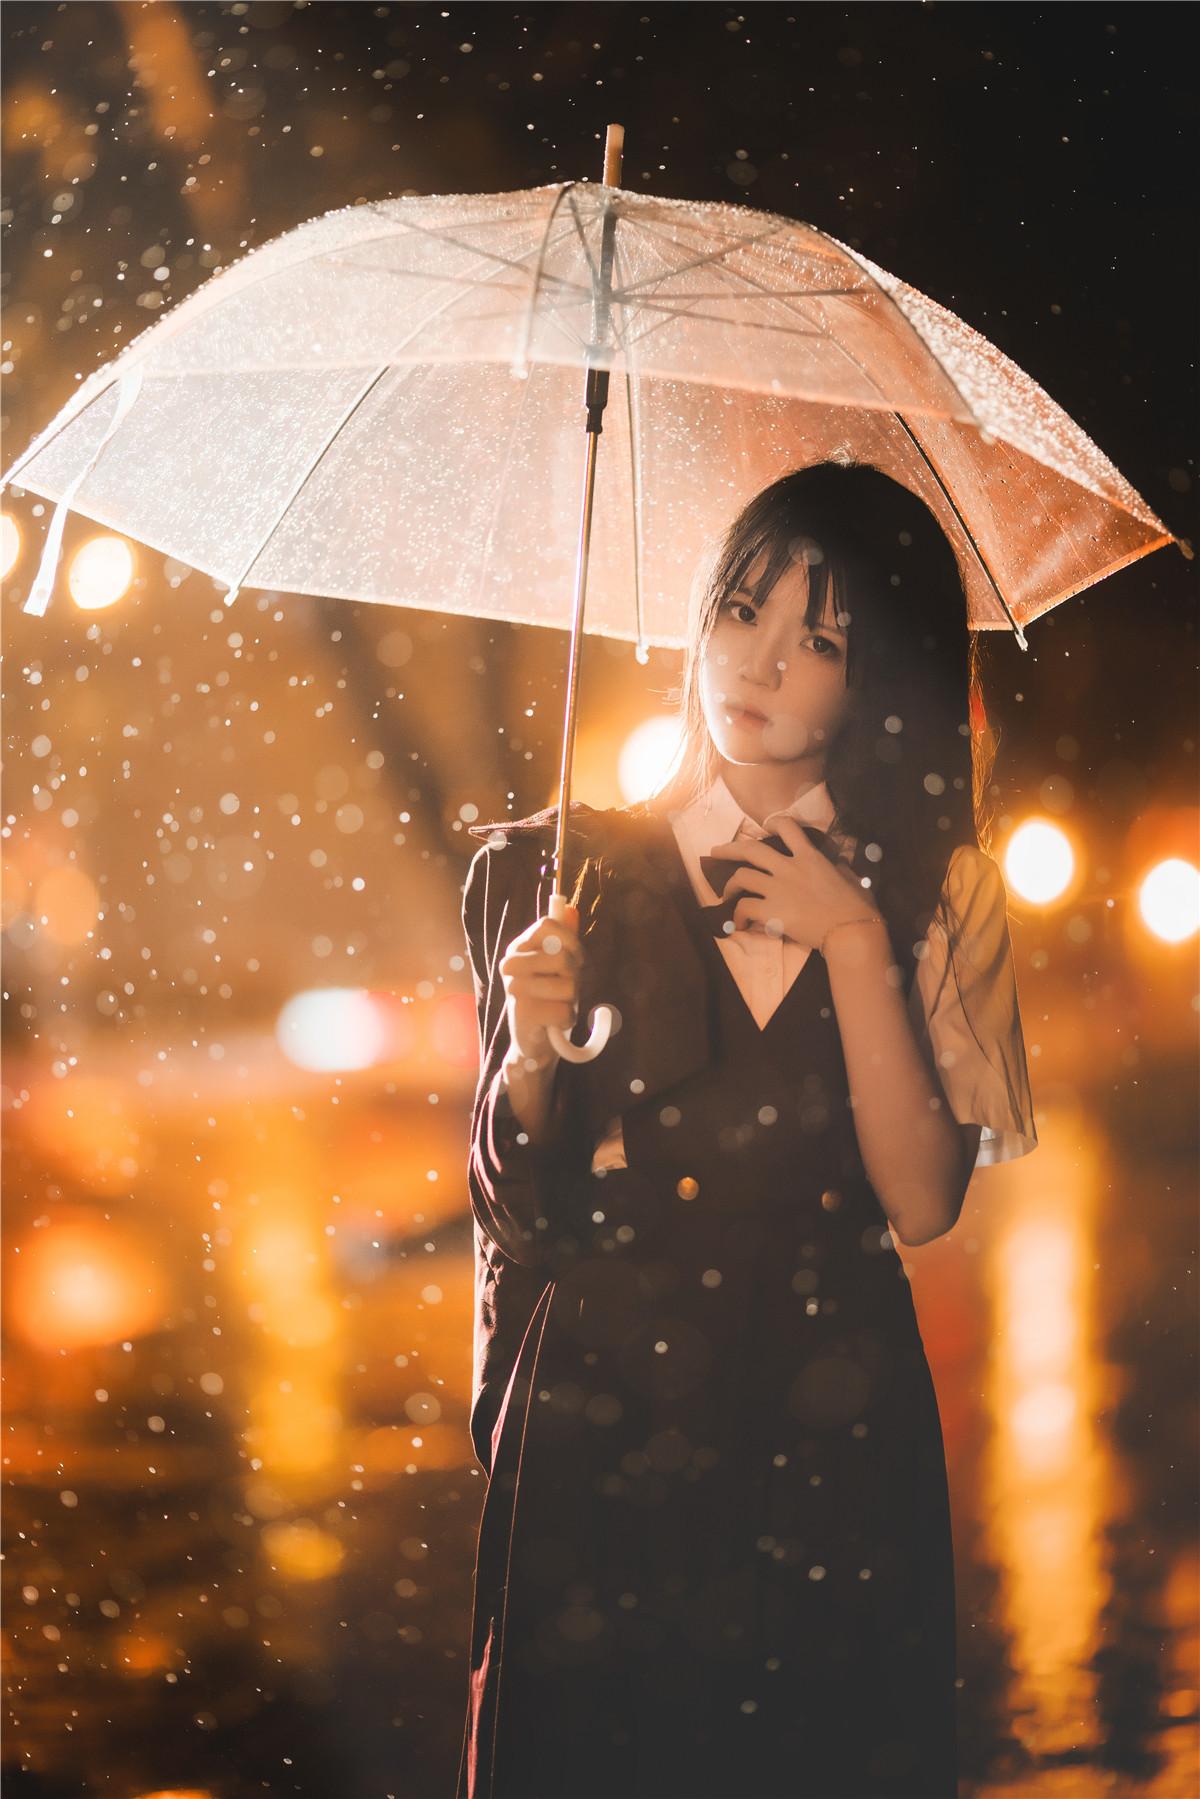 桜桃喵 雨下 [42P-1.39GB]